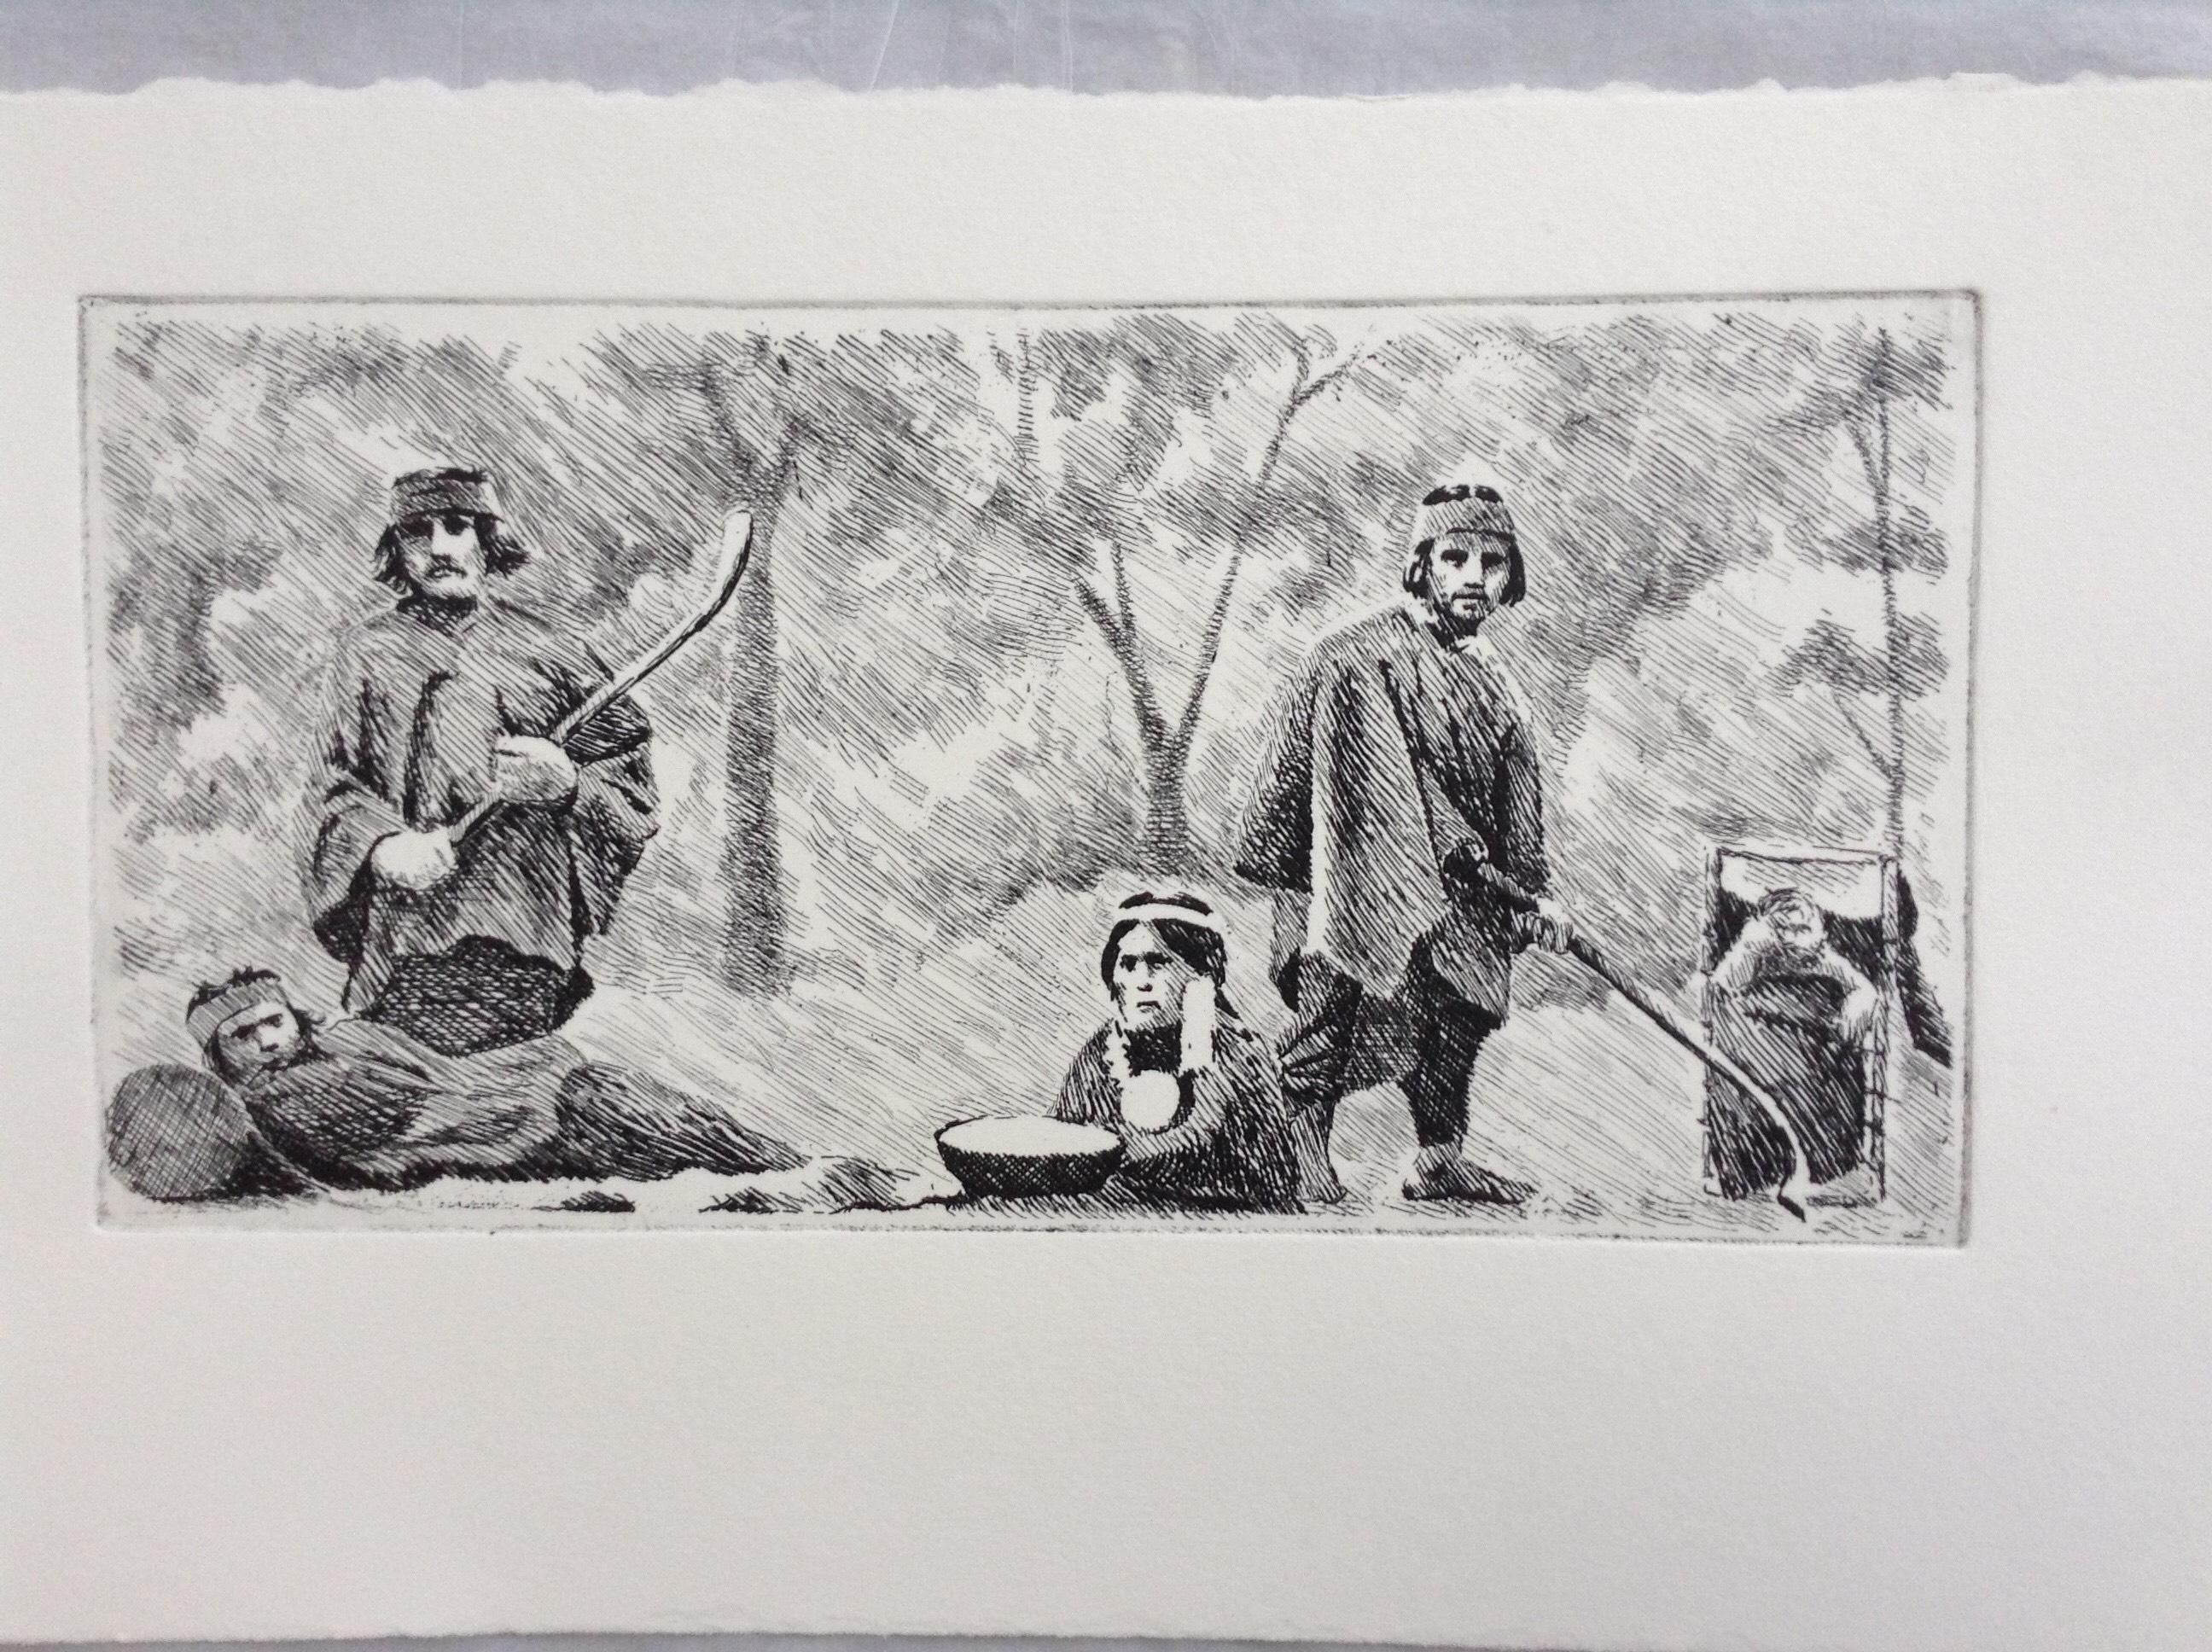 Araucanos en zoológico humano